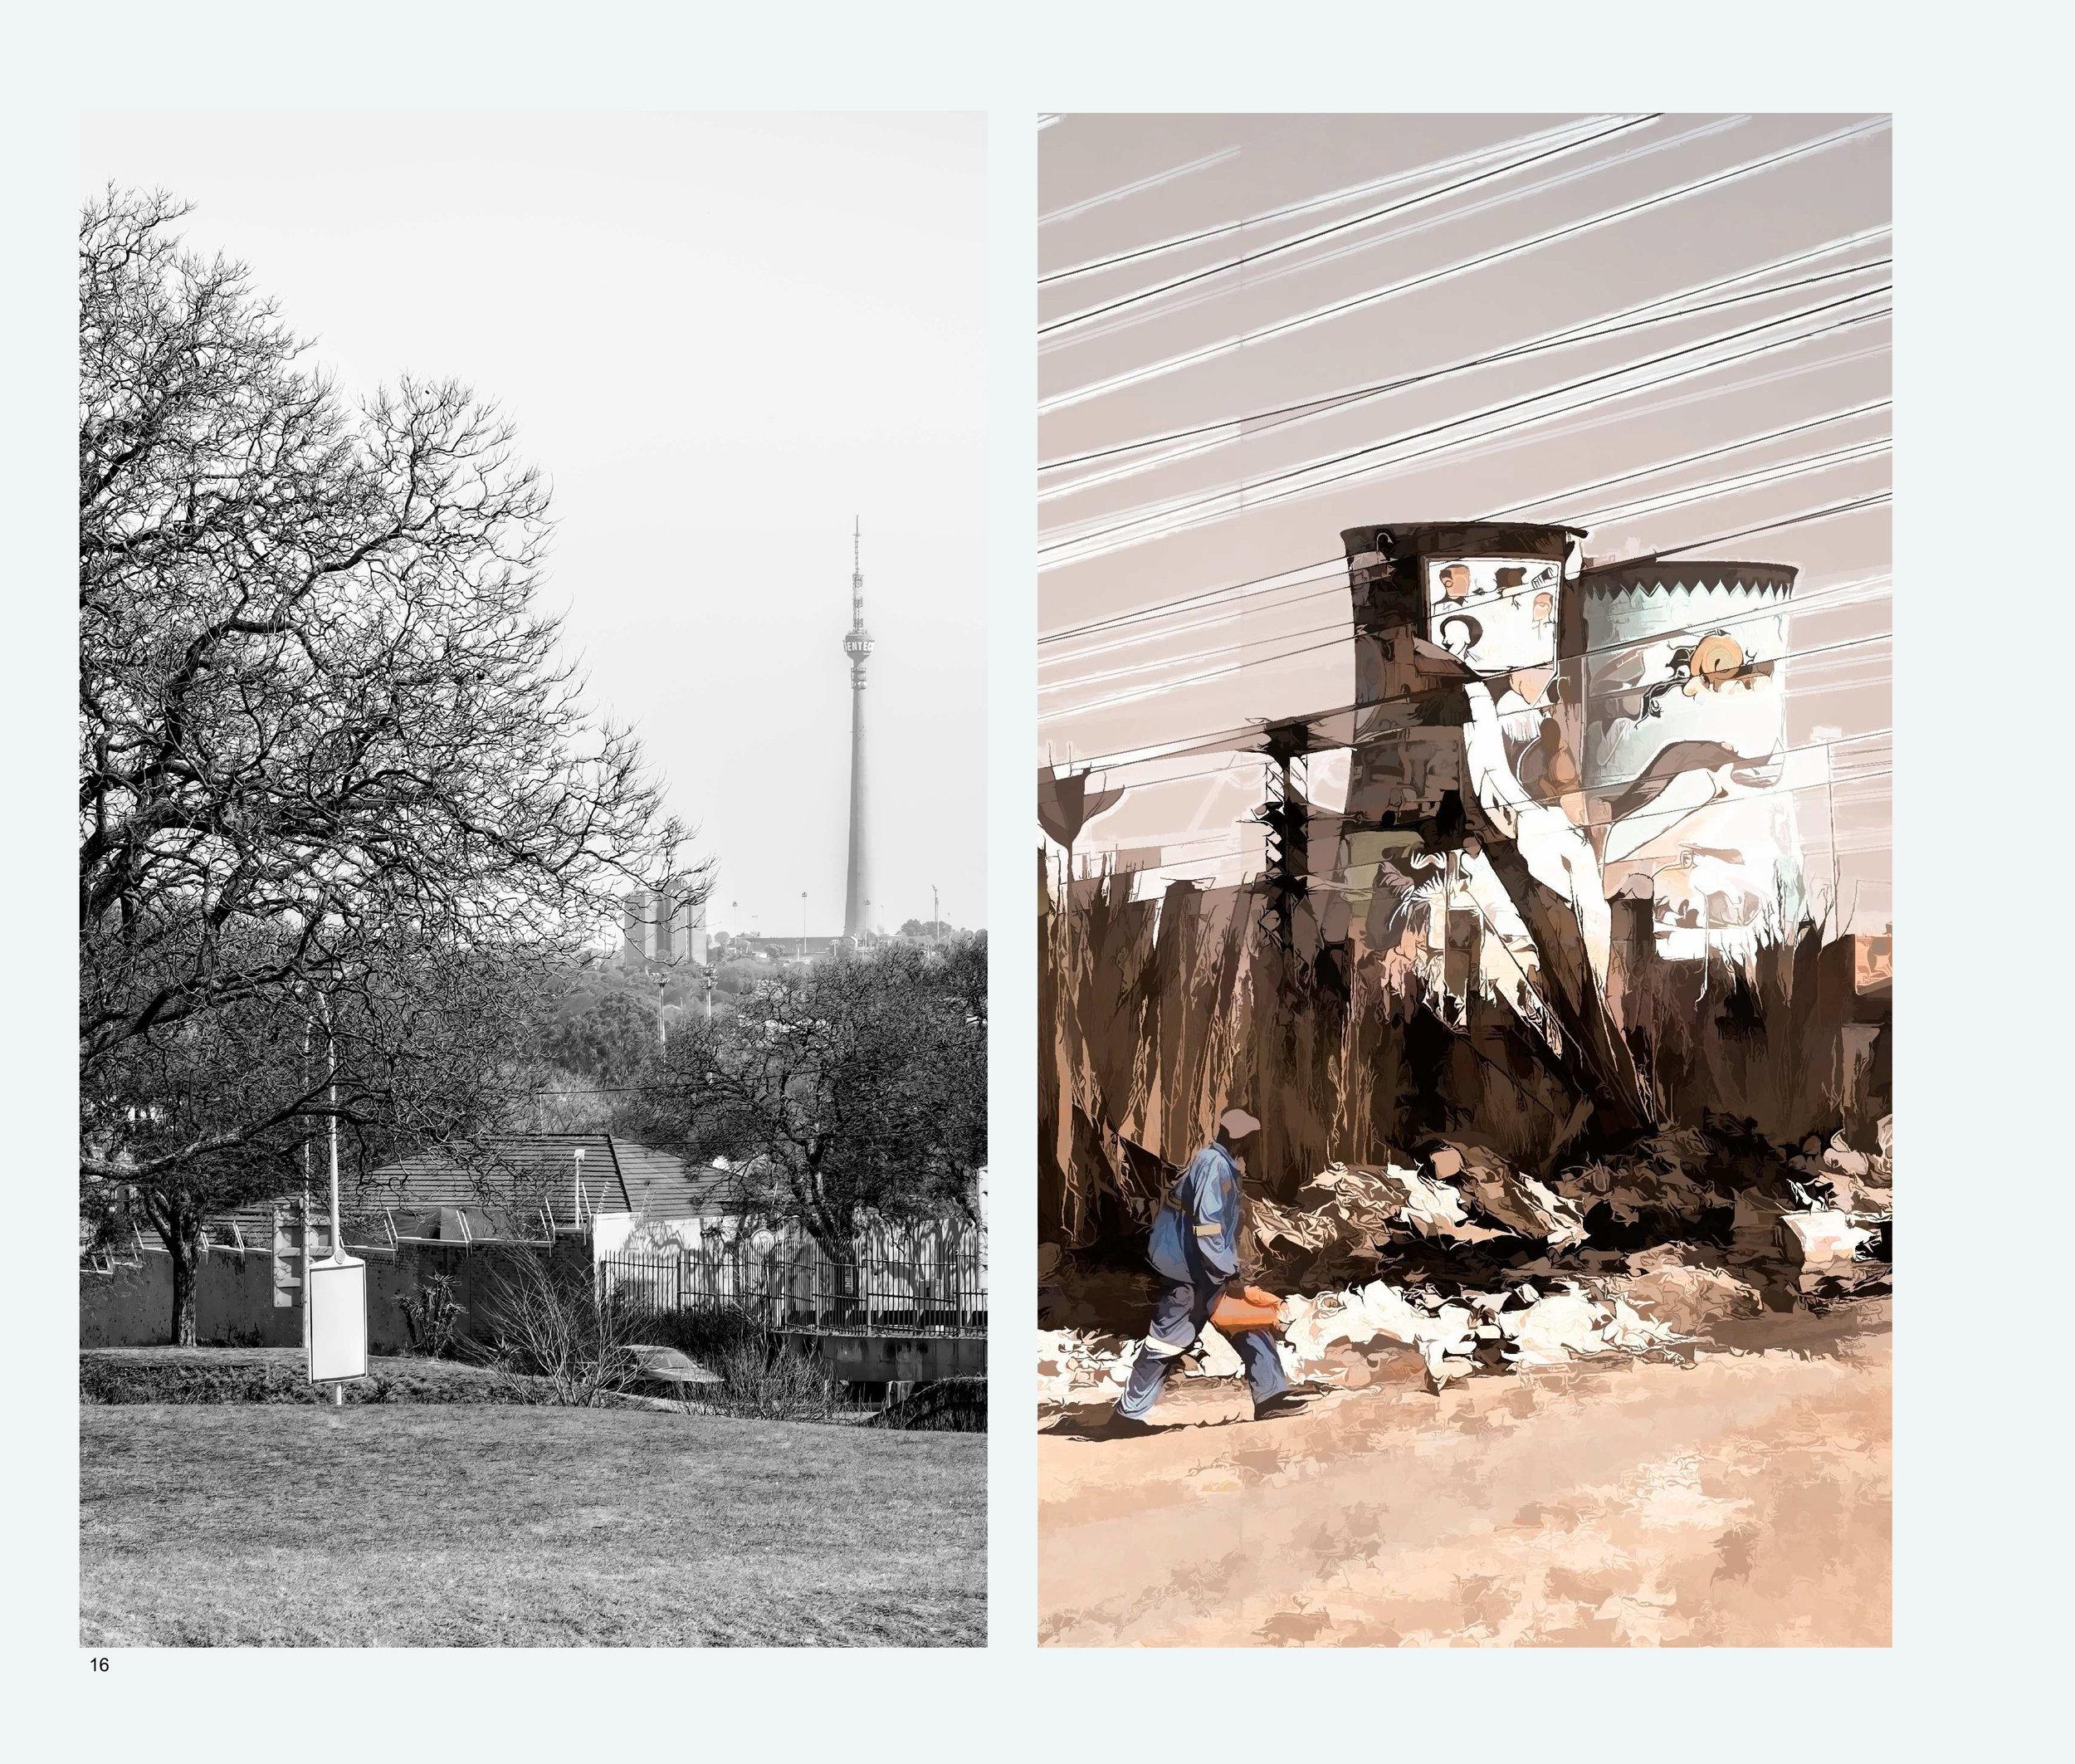 ImagesASouthernAfricaRoadTrip-18.jpg